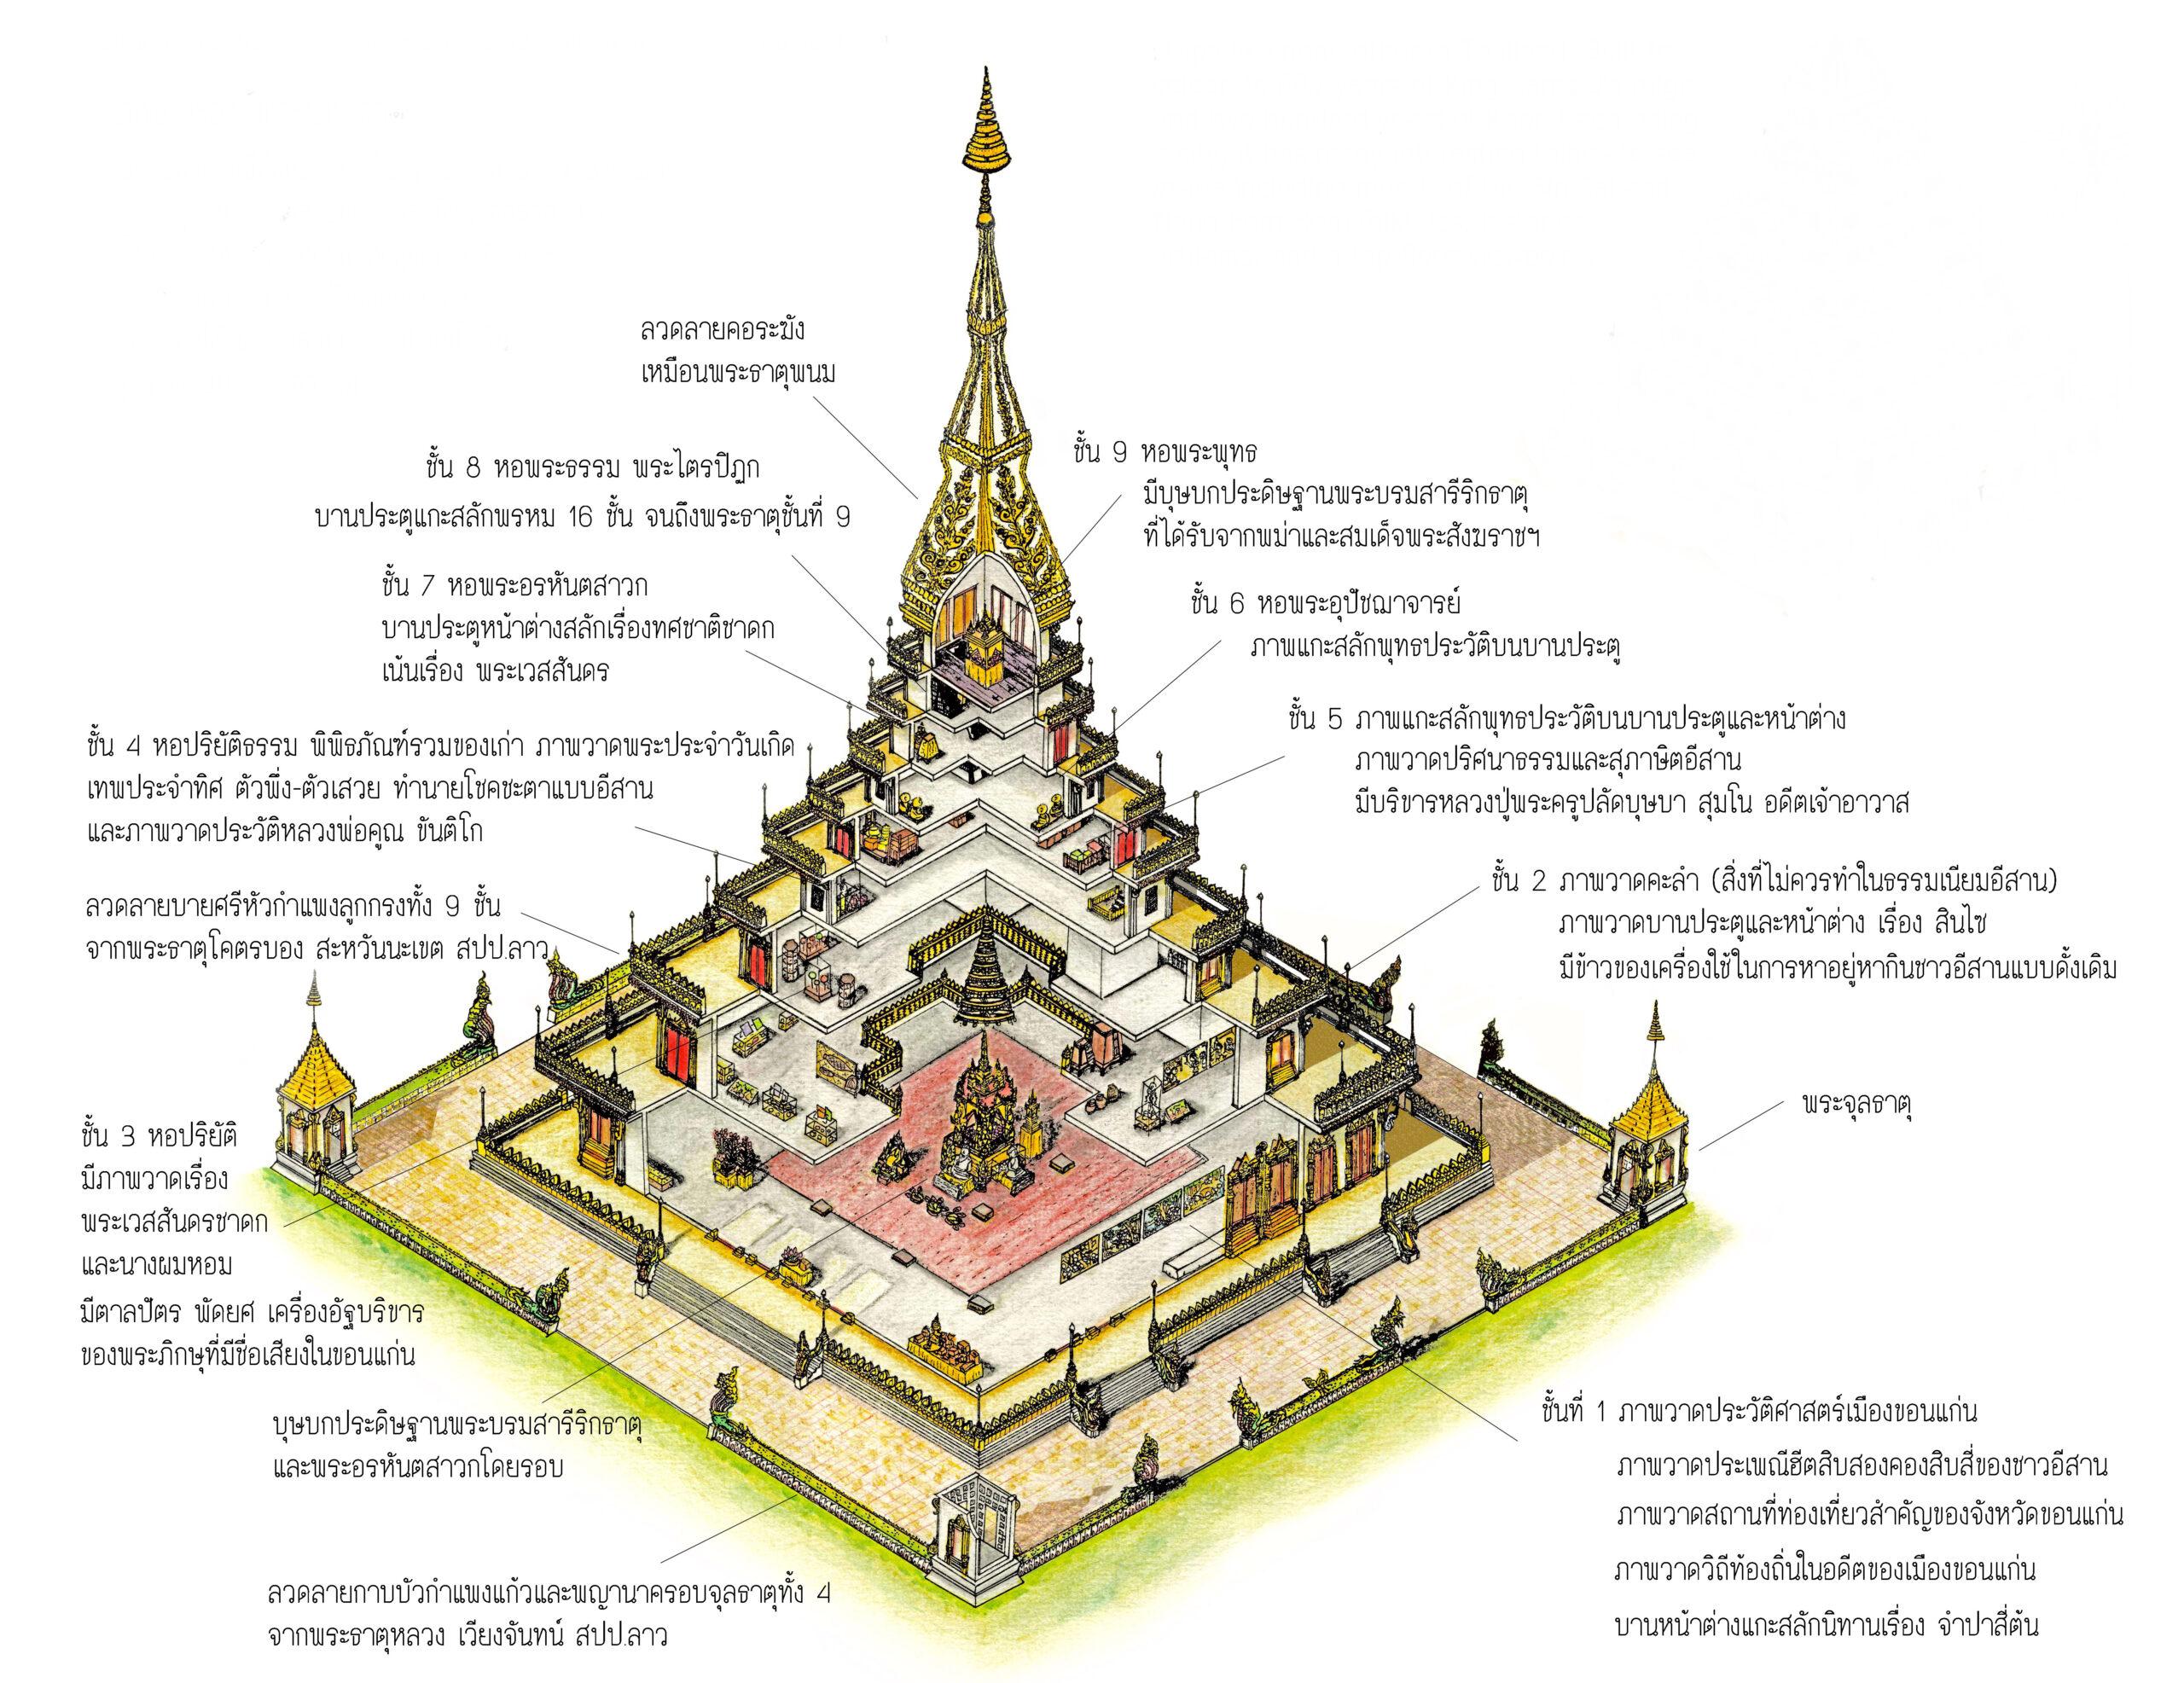 แผนที่ บึงแก่นนคร ขอนแก่น วัด สถานที่ศักดิ์สิทธิ์รอบบึงแก่นนคร วัดหนองแวง